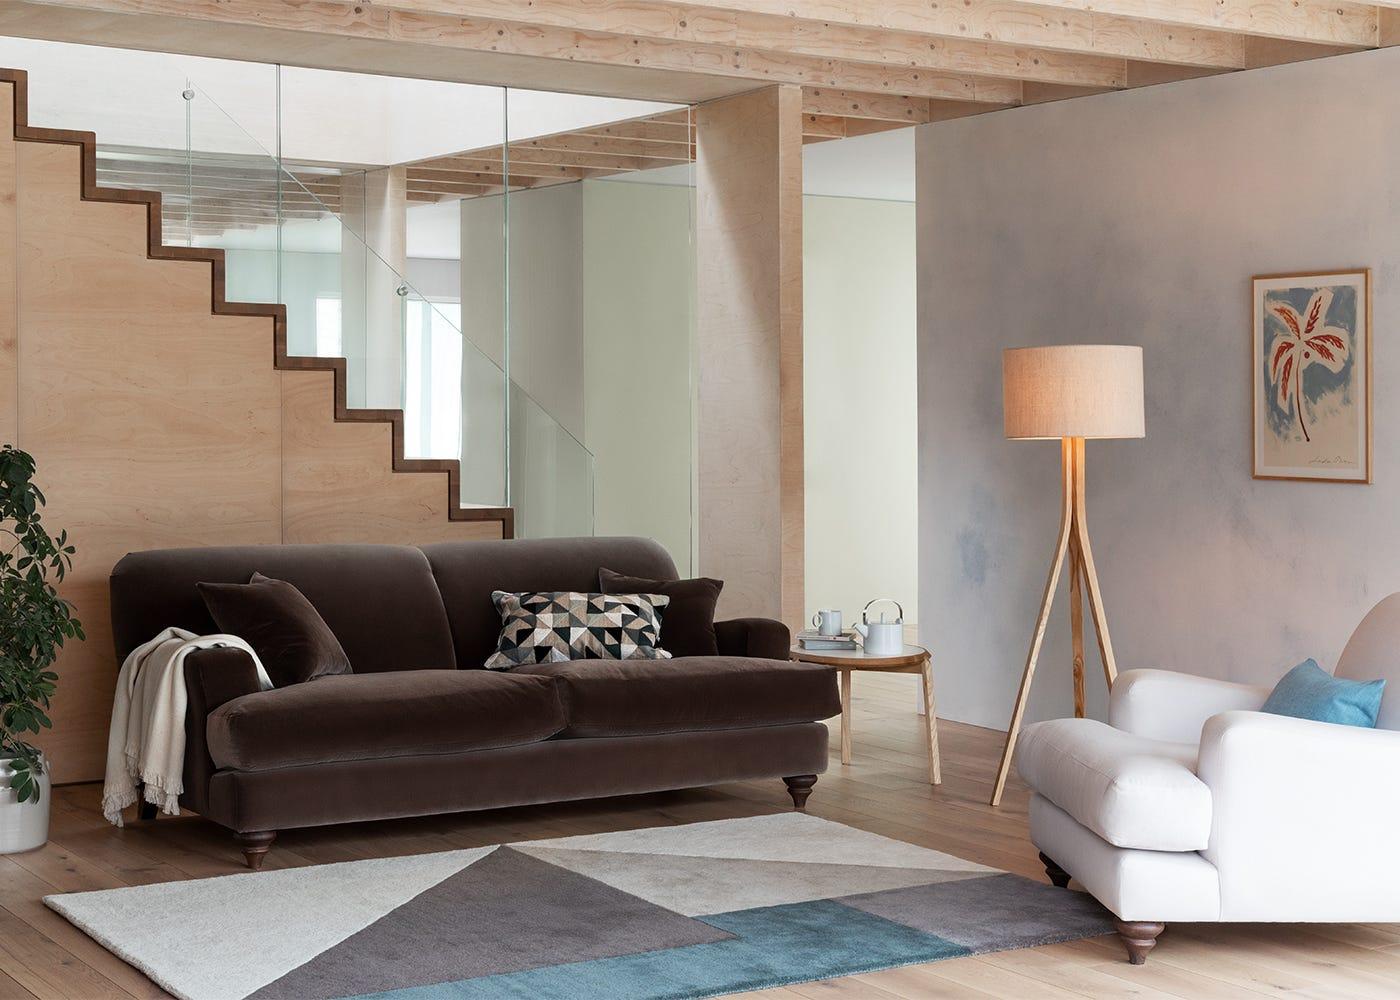 Hampstead 3 Seater Sofa in Velvet Mink